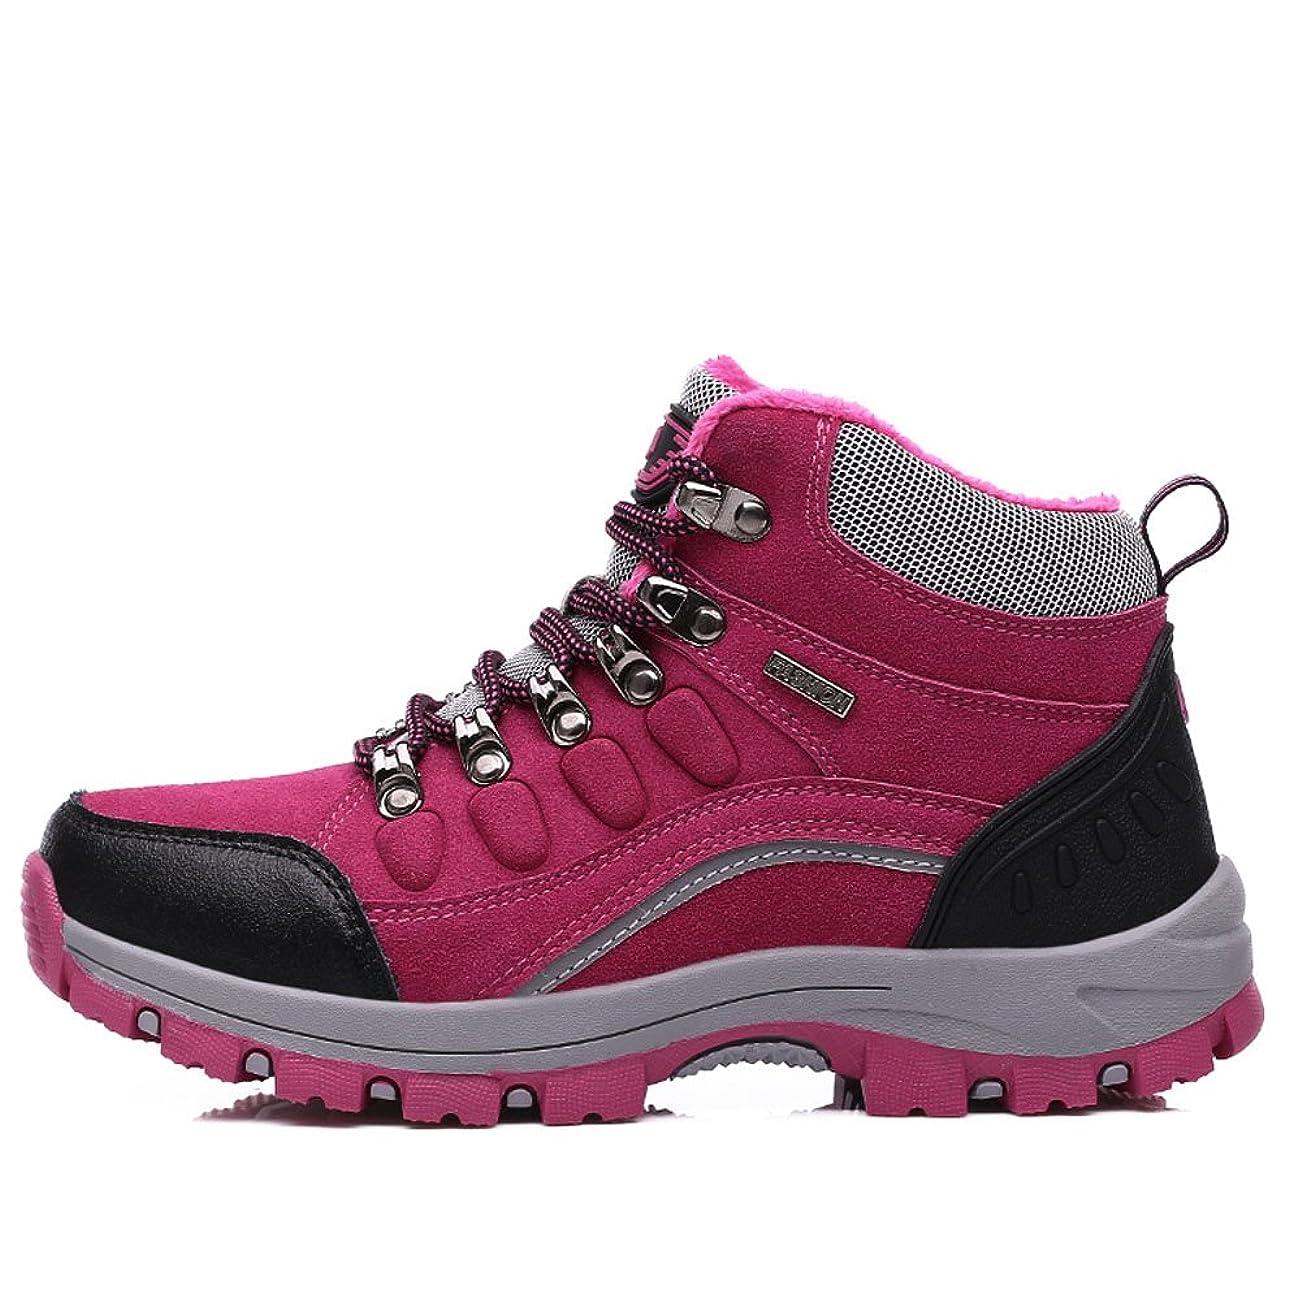 心配するむさぼり食う水没[Z.SUO] ハイキングシューズ メンズ/レディース トレッキングシューズ 登山靴 アウトドア キャンプ シューズ 滑りにくい スリッポン カジュアル 男女兼用 暖かいです